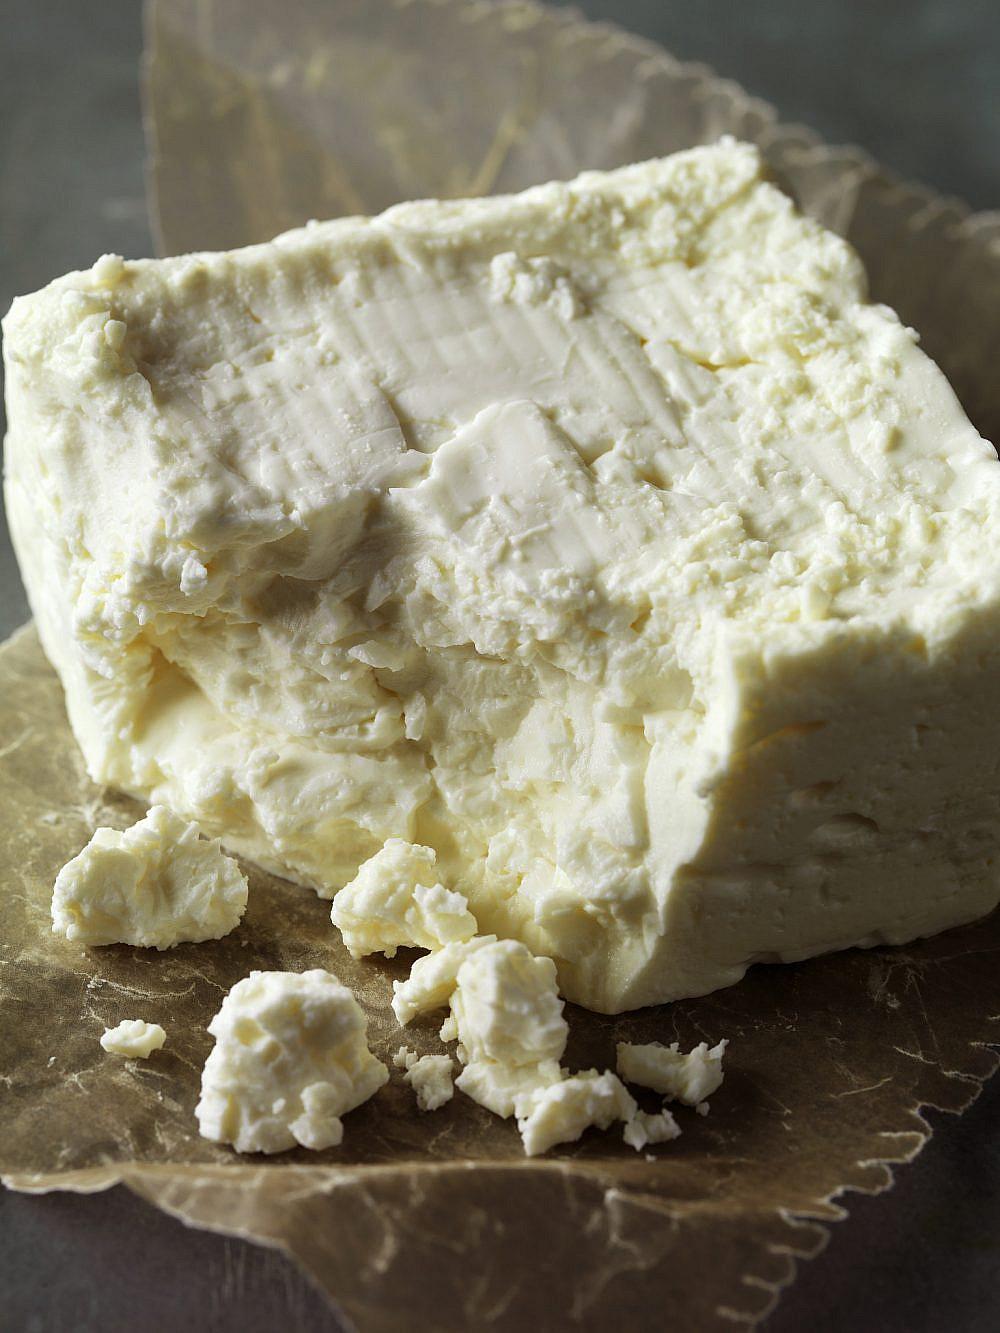 של מי הגבינה הזאת? גבינת פטה מיוון. צילום: GettyImages